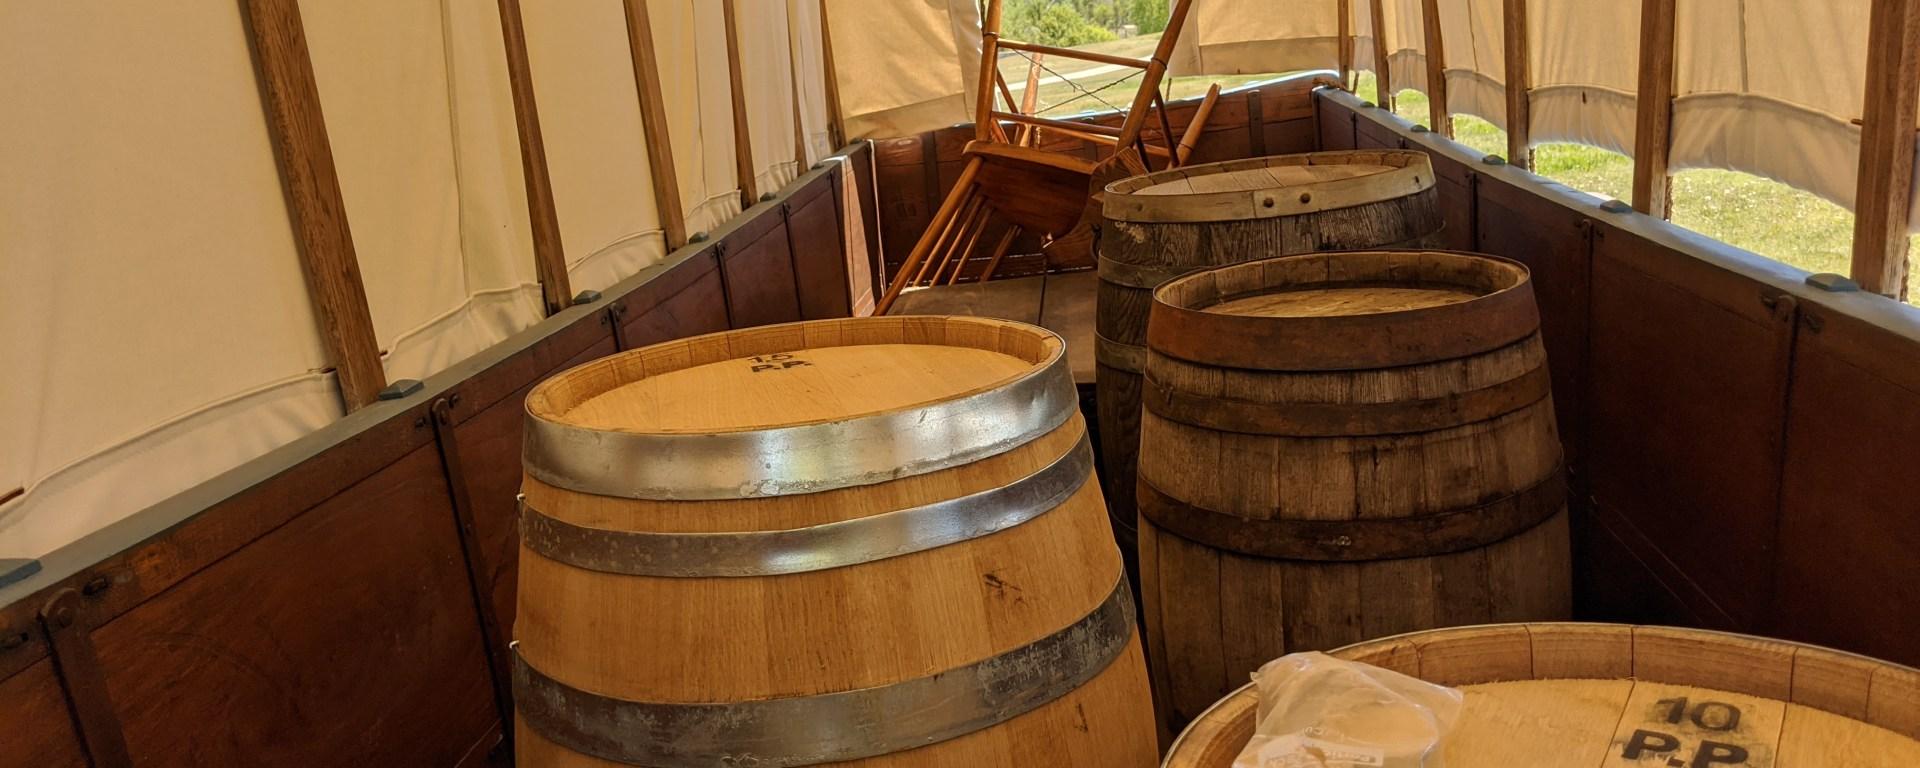 Inside of an Oregon Trail Wagon